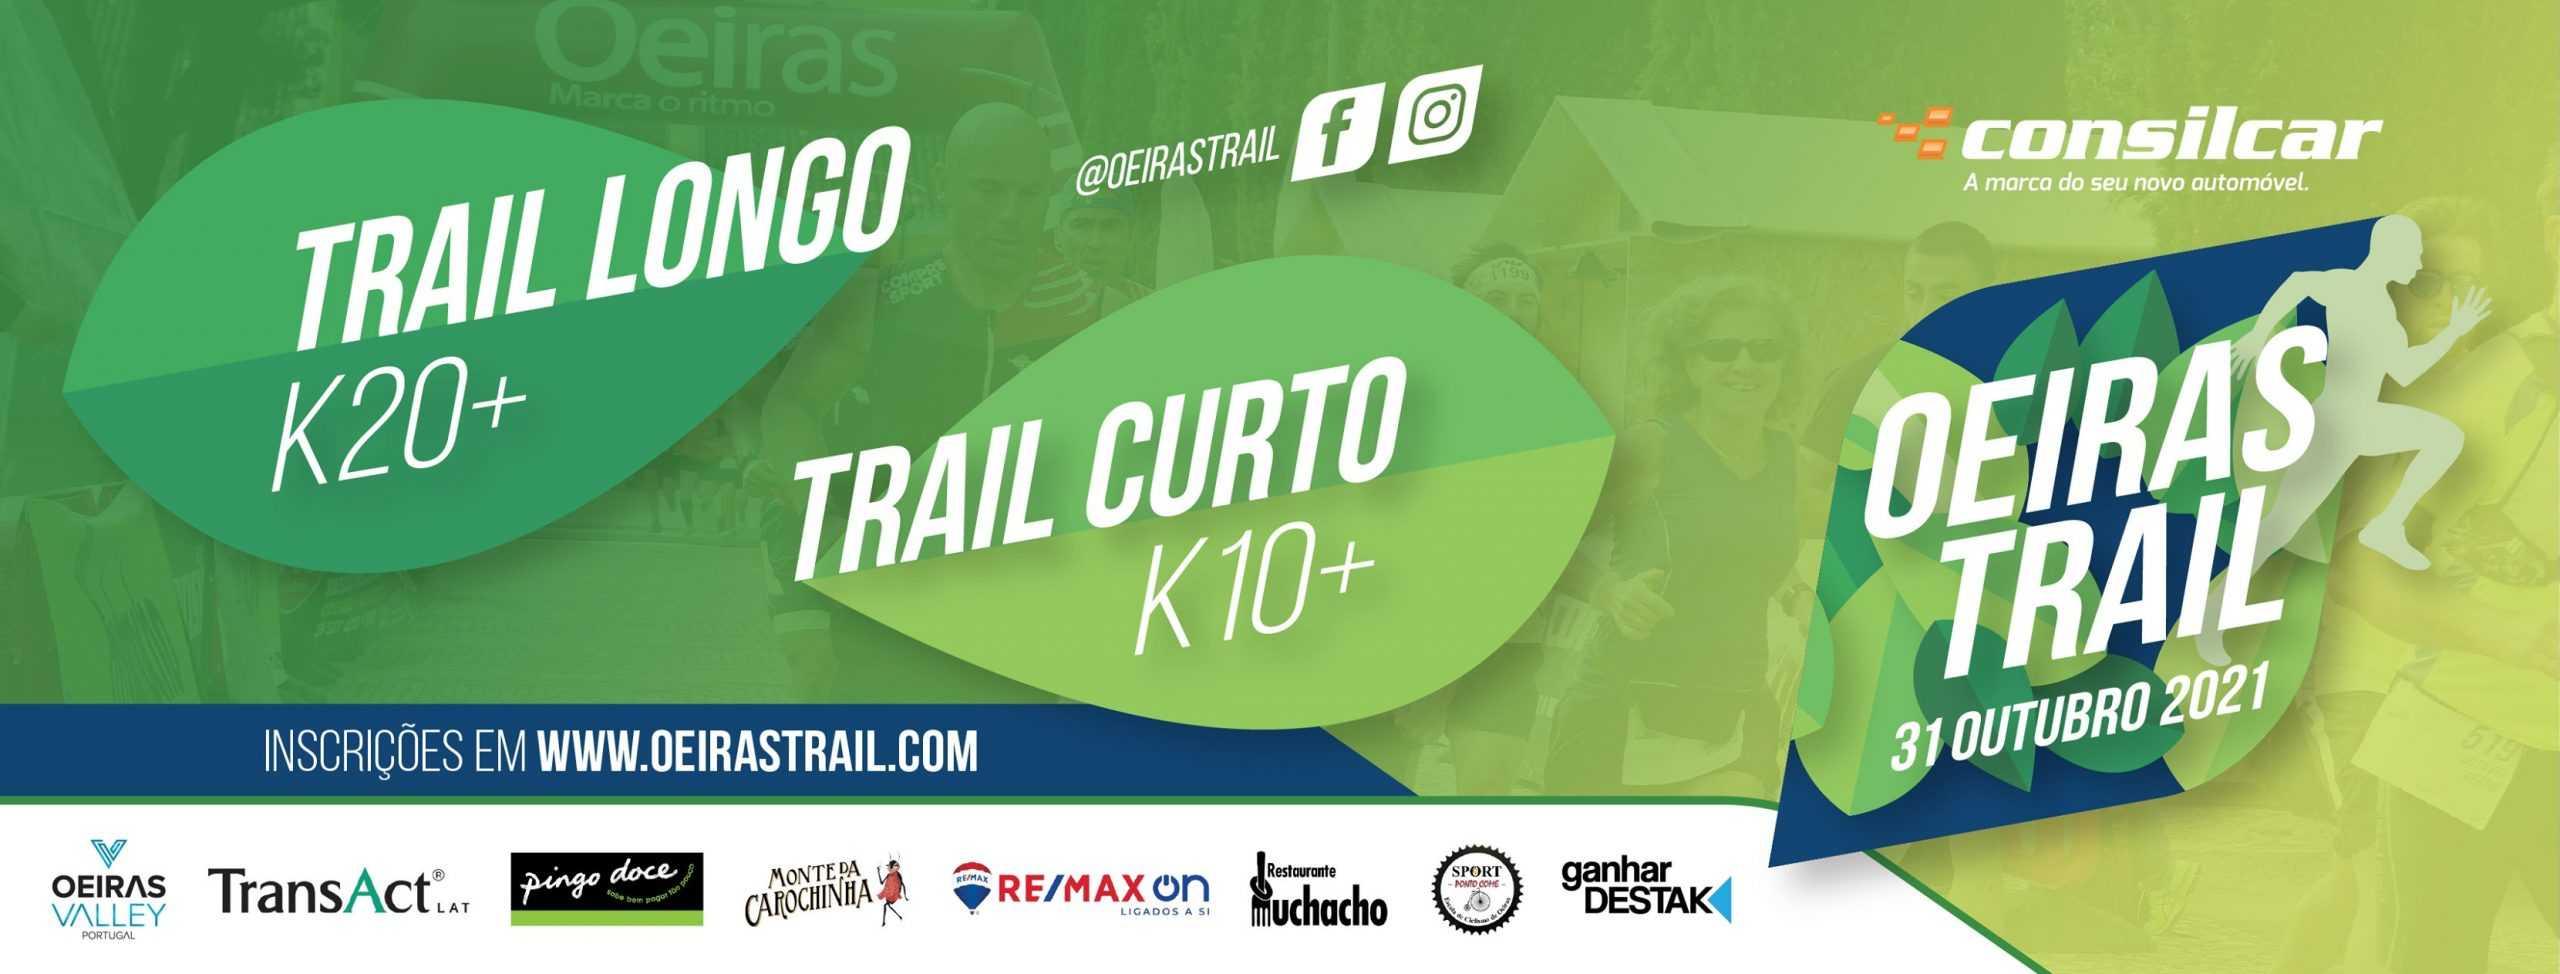 Oeiras Trail 2021